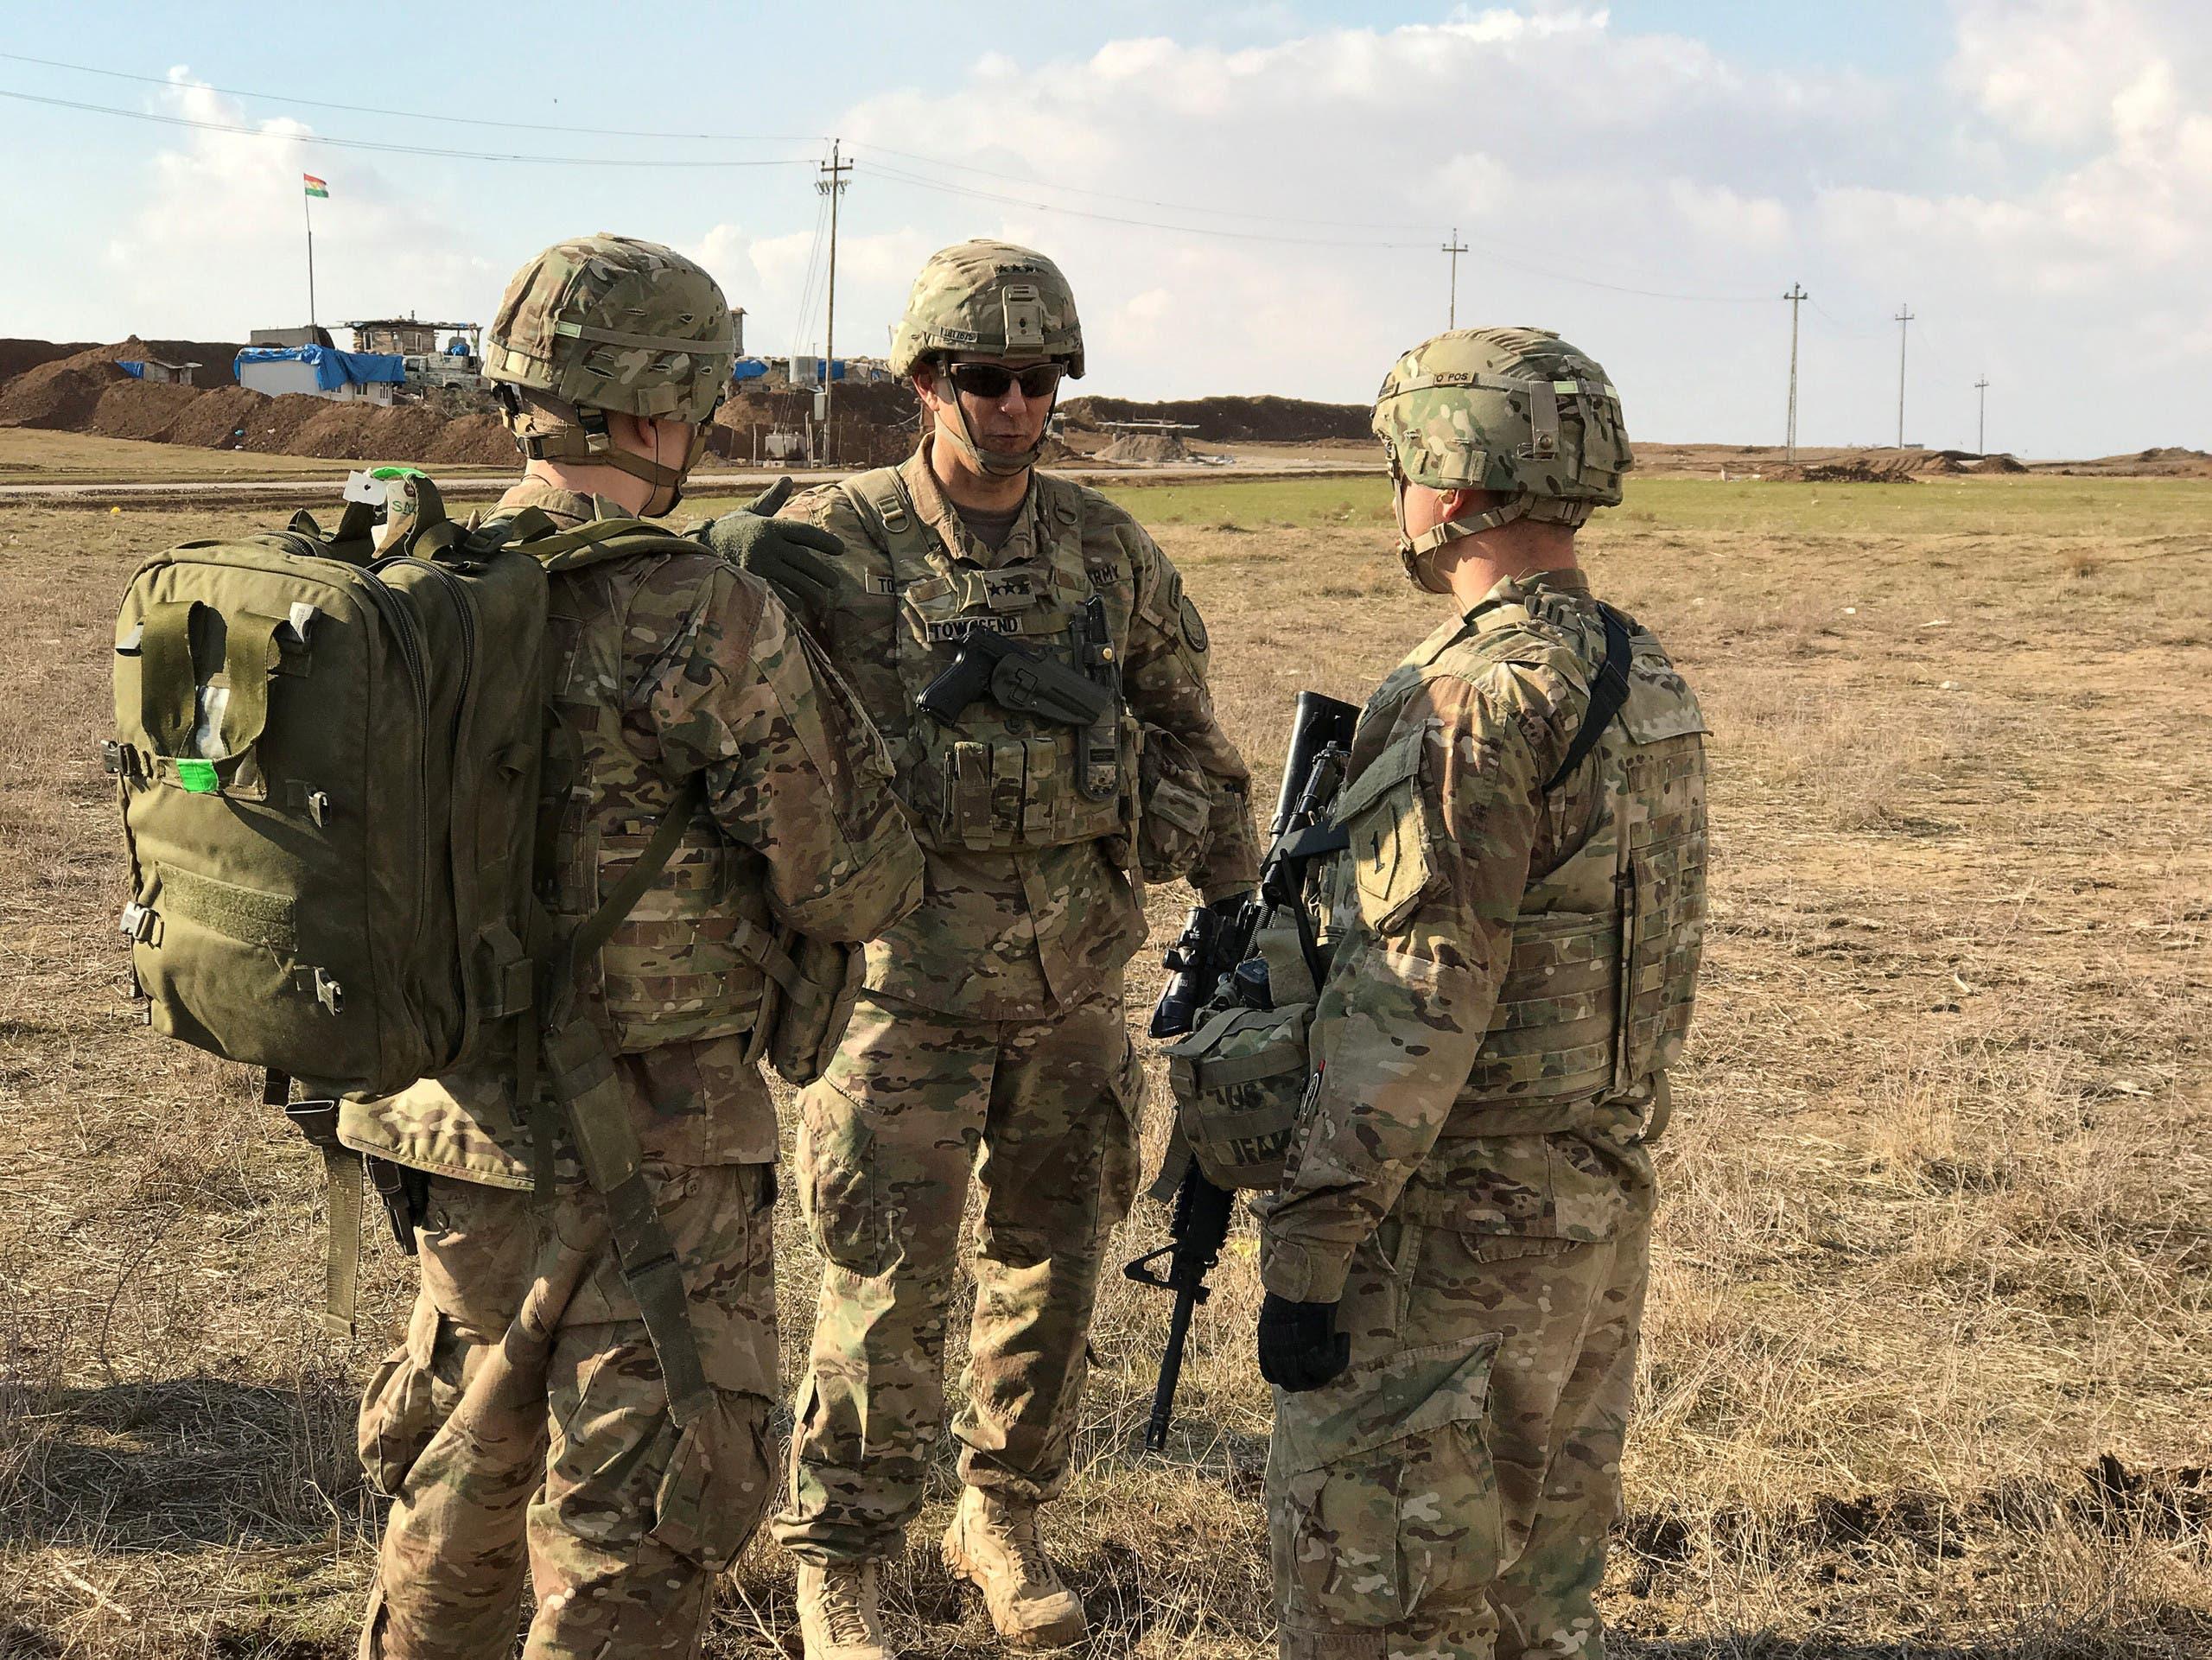 قوات أميركية في العراق (أرشيفية)